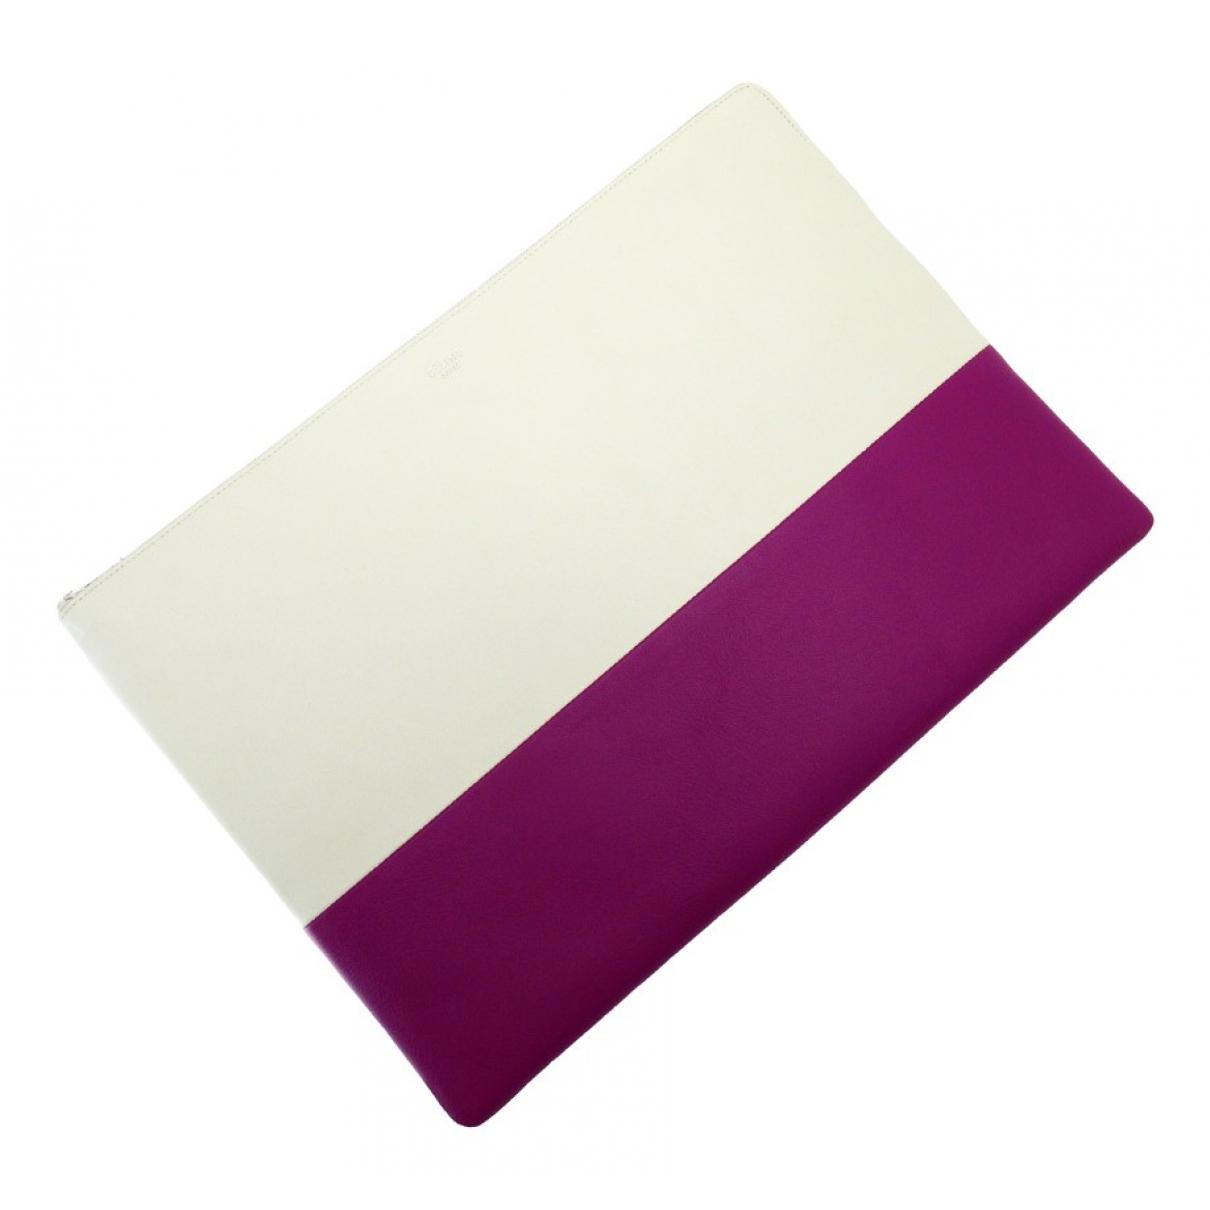 Celine - Pochette   pour femme en cuir - violet